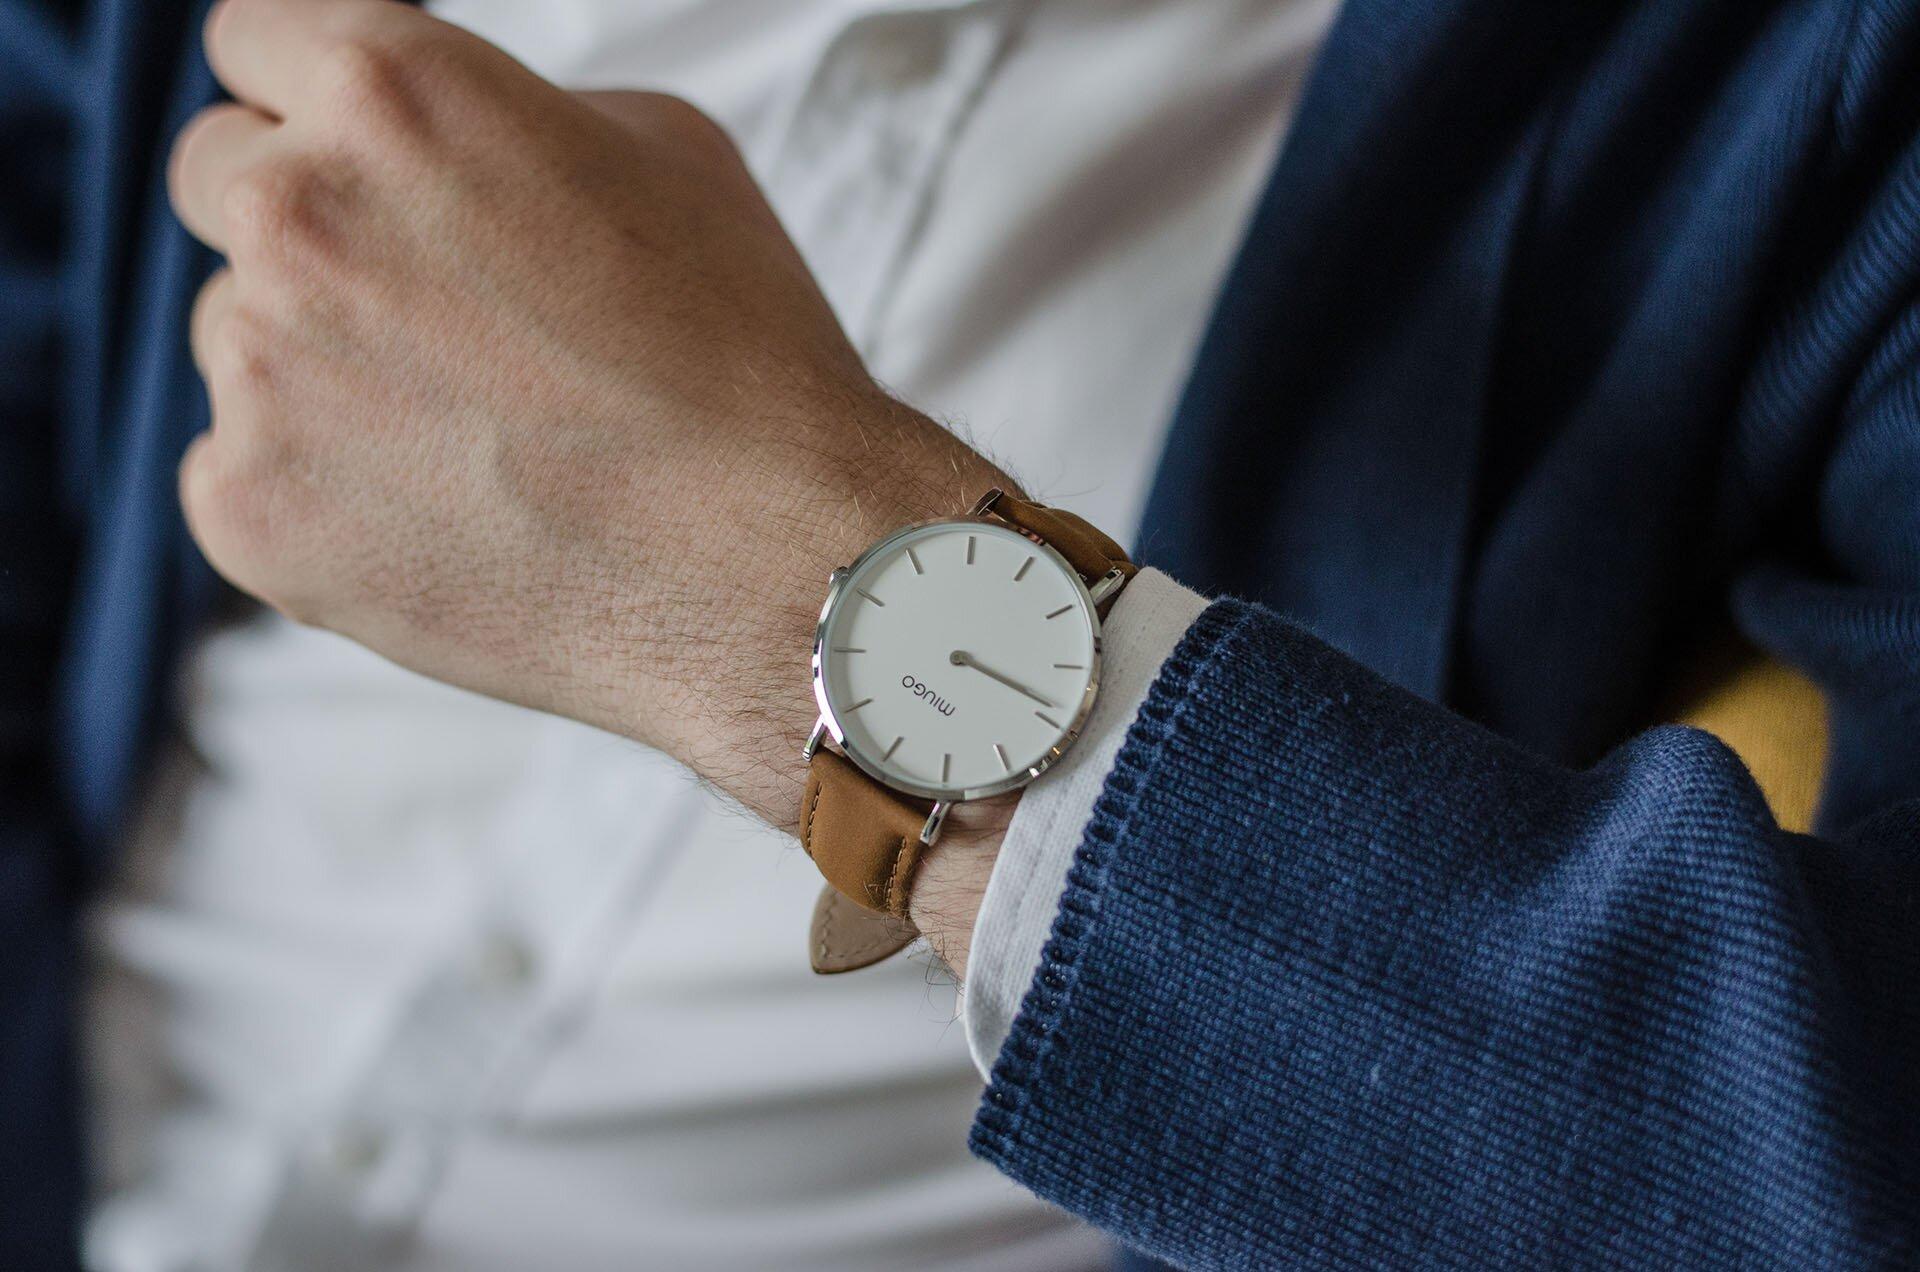 MIUGO, Zegarki MIUGO, Minimalistyczne zegarki, Zegarki męskie, Zegarek męski z brązowym paskiem